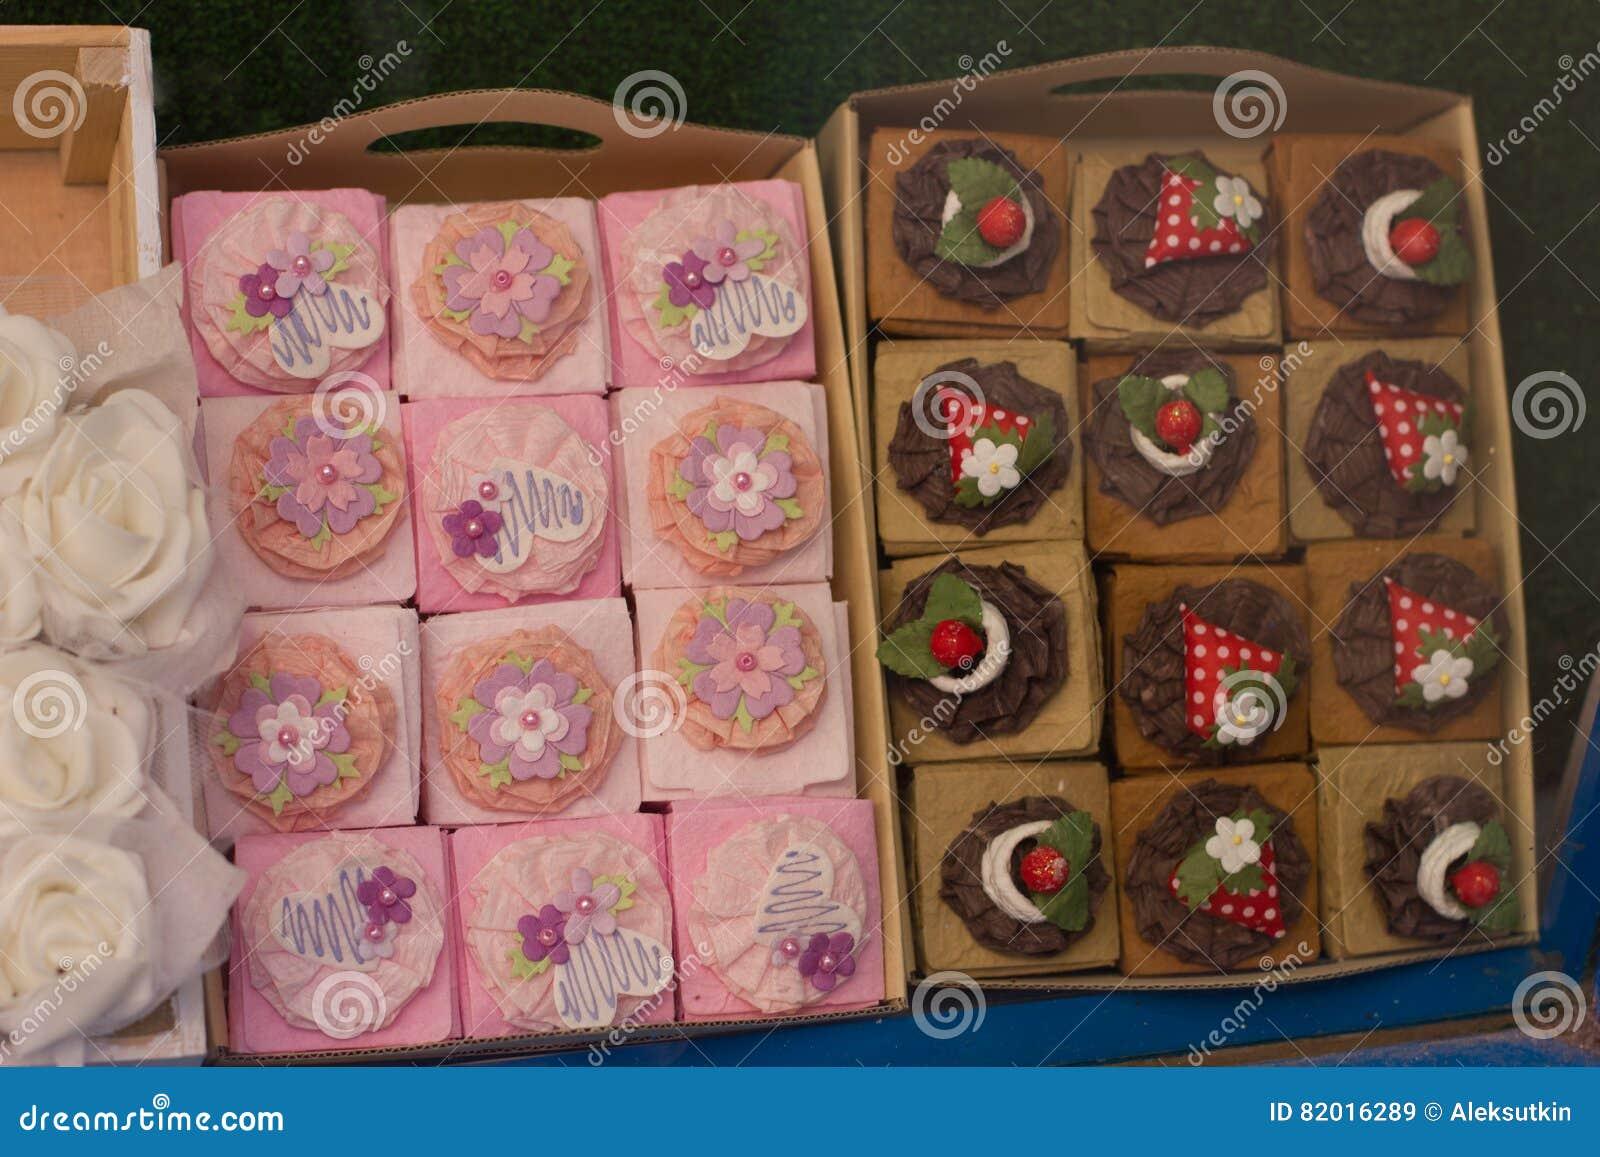 Bunte Kleine Kuchen Auf Einer Anzeige In Der Konditorei Kaufen